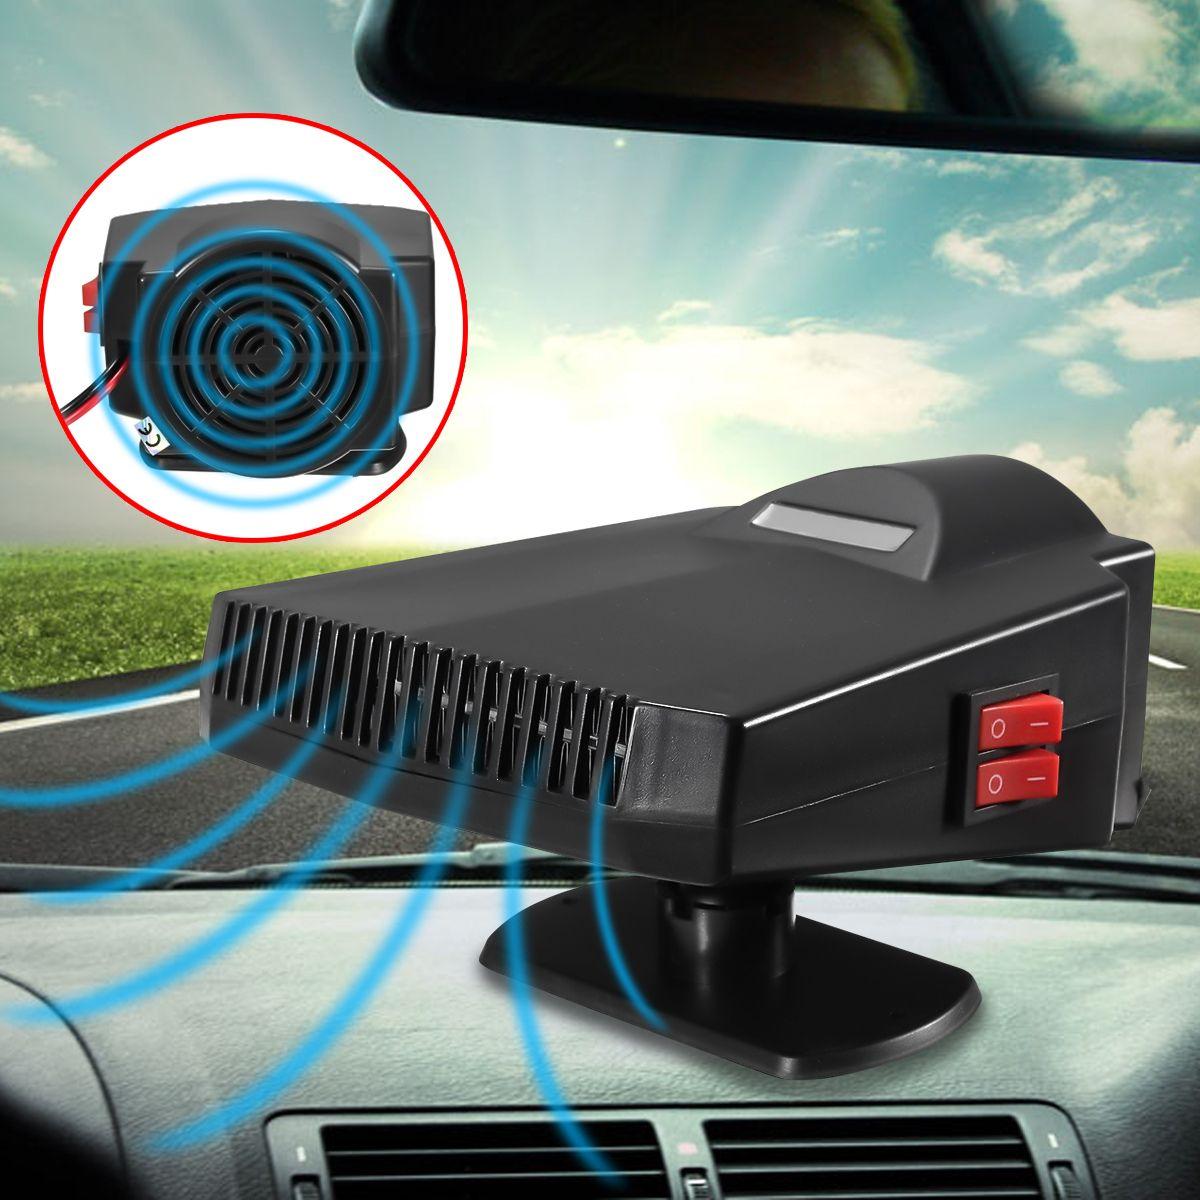 2in1 12 v Auto Auto Tragbare Keramik Heizung Lüfter Auto Heizung Demister Defroster 200 watt für Auto Autos Liefert